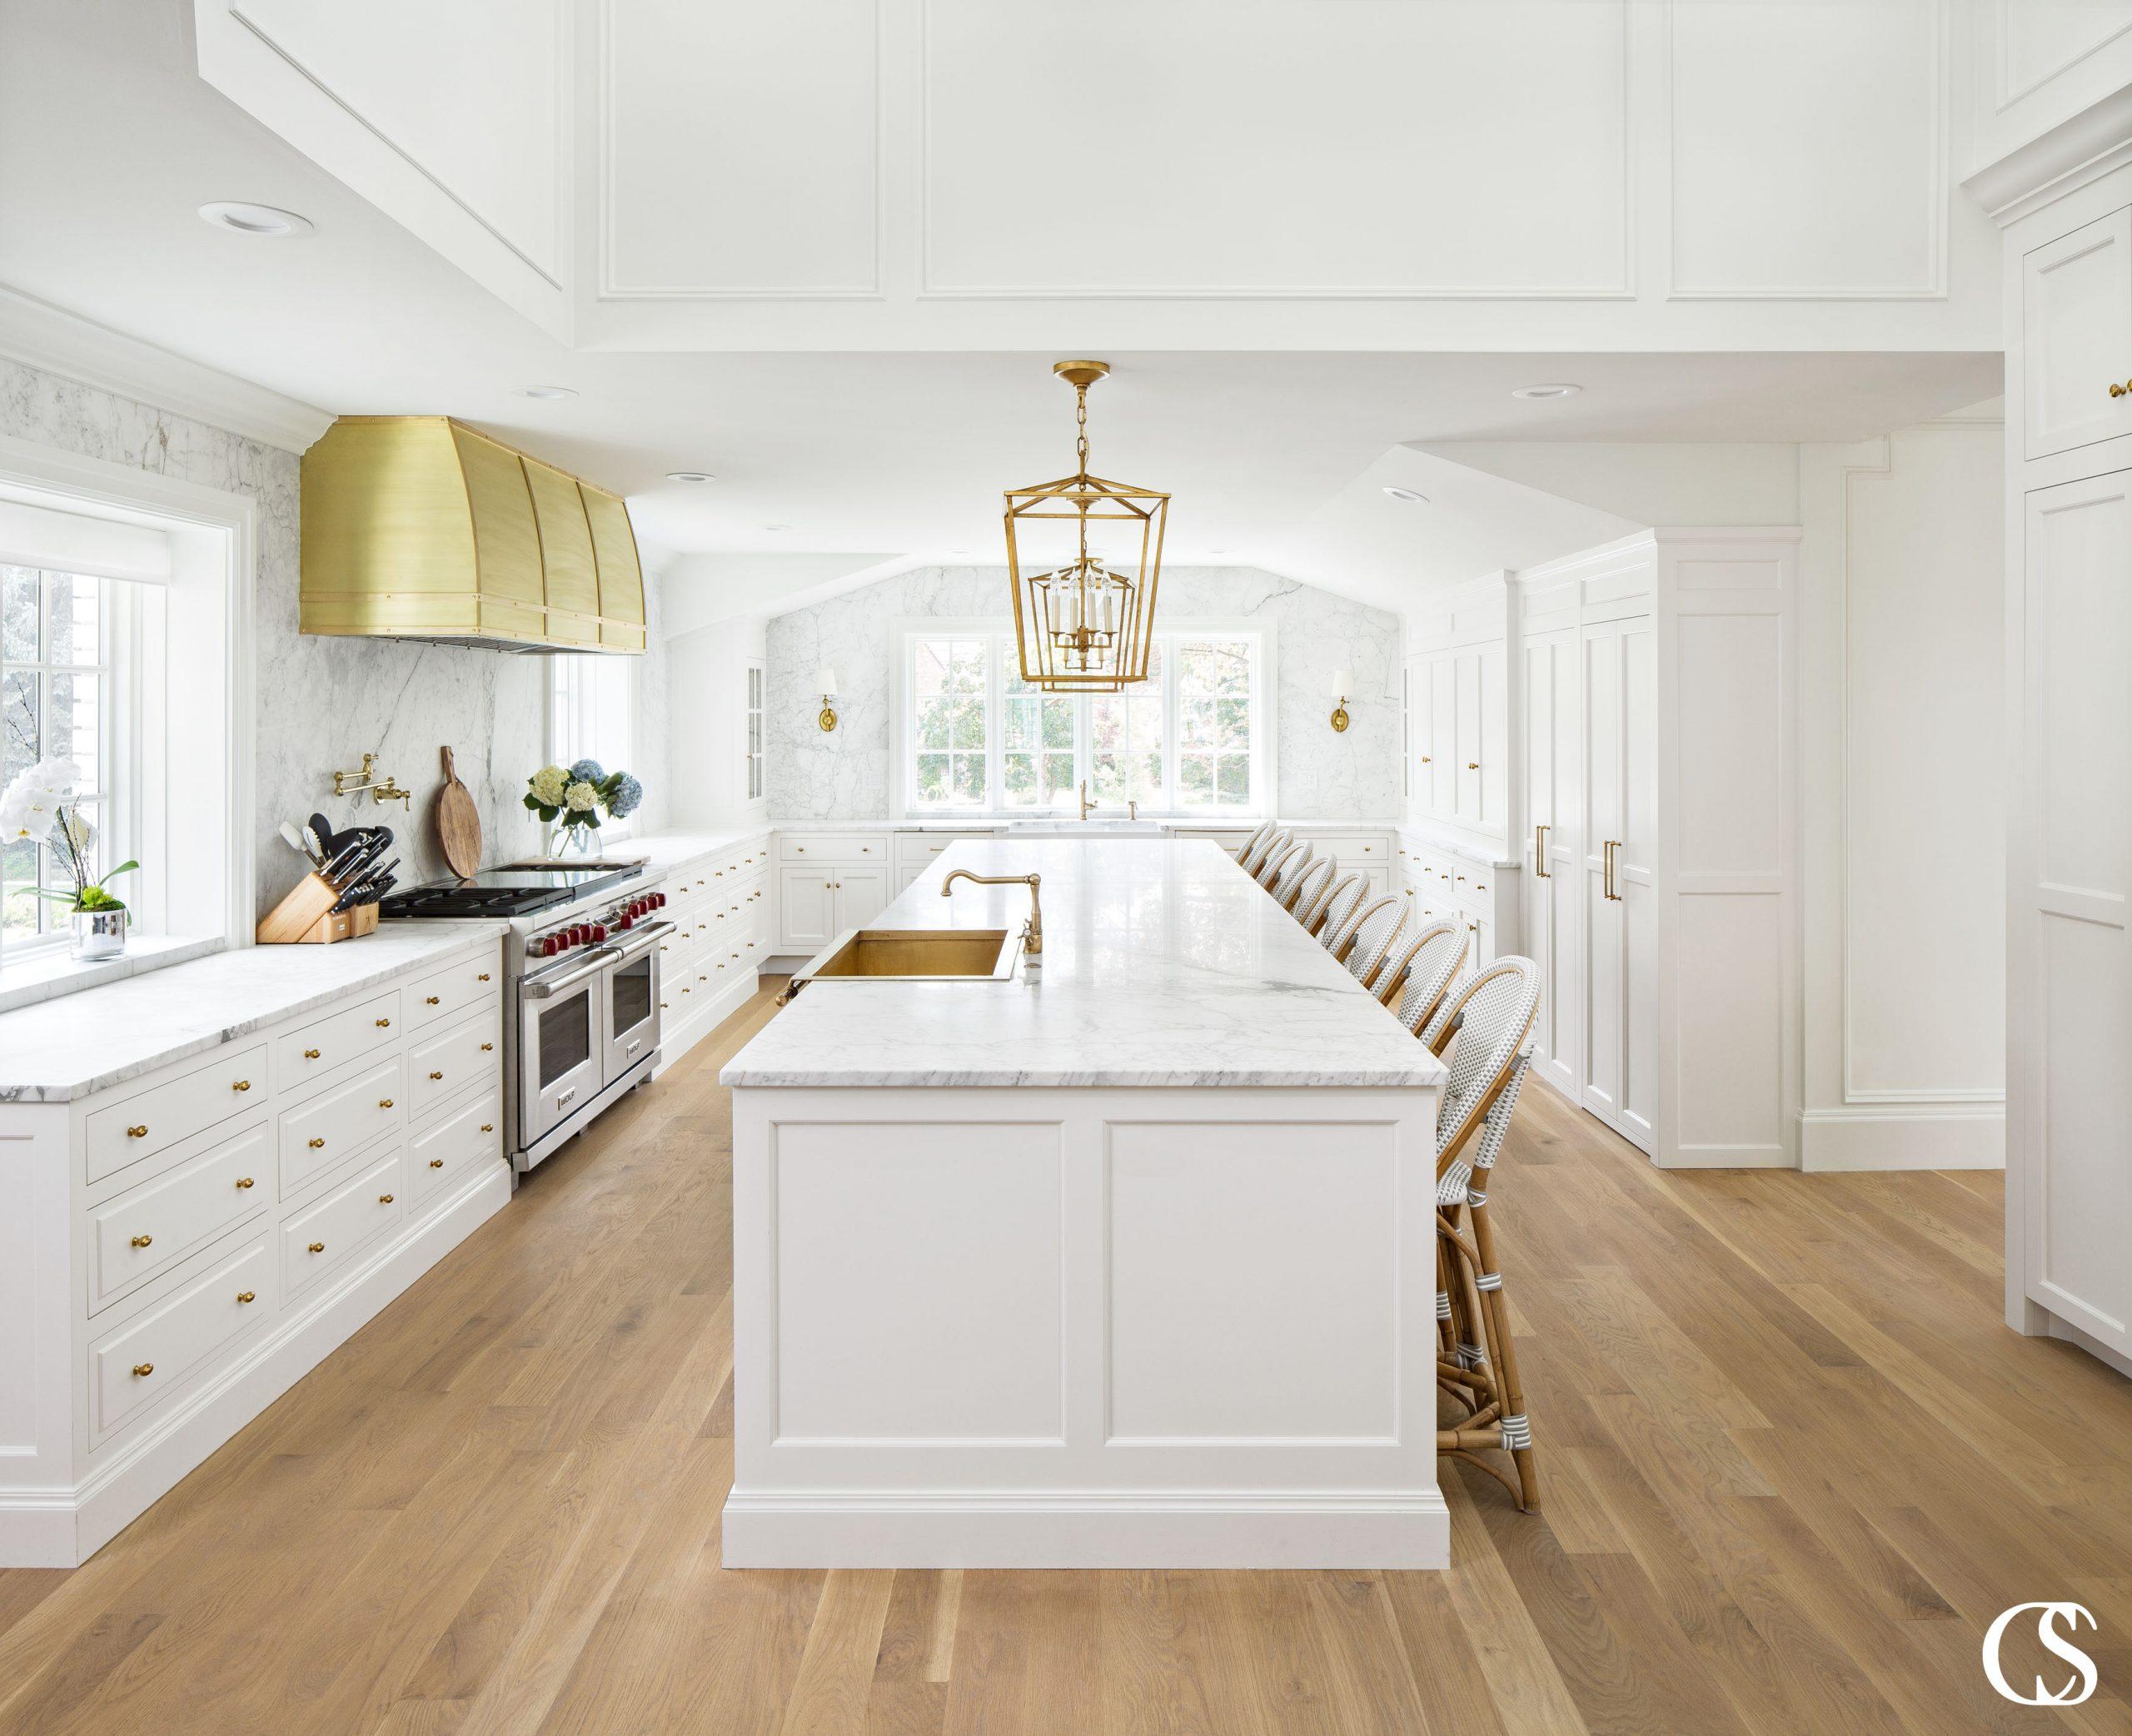 oven hood white kitchen island